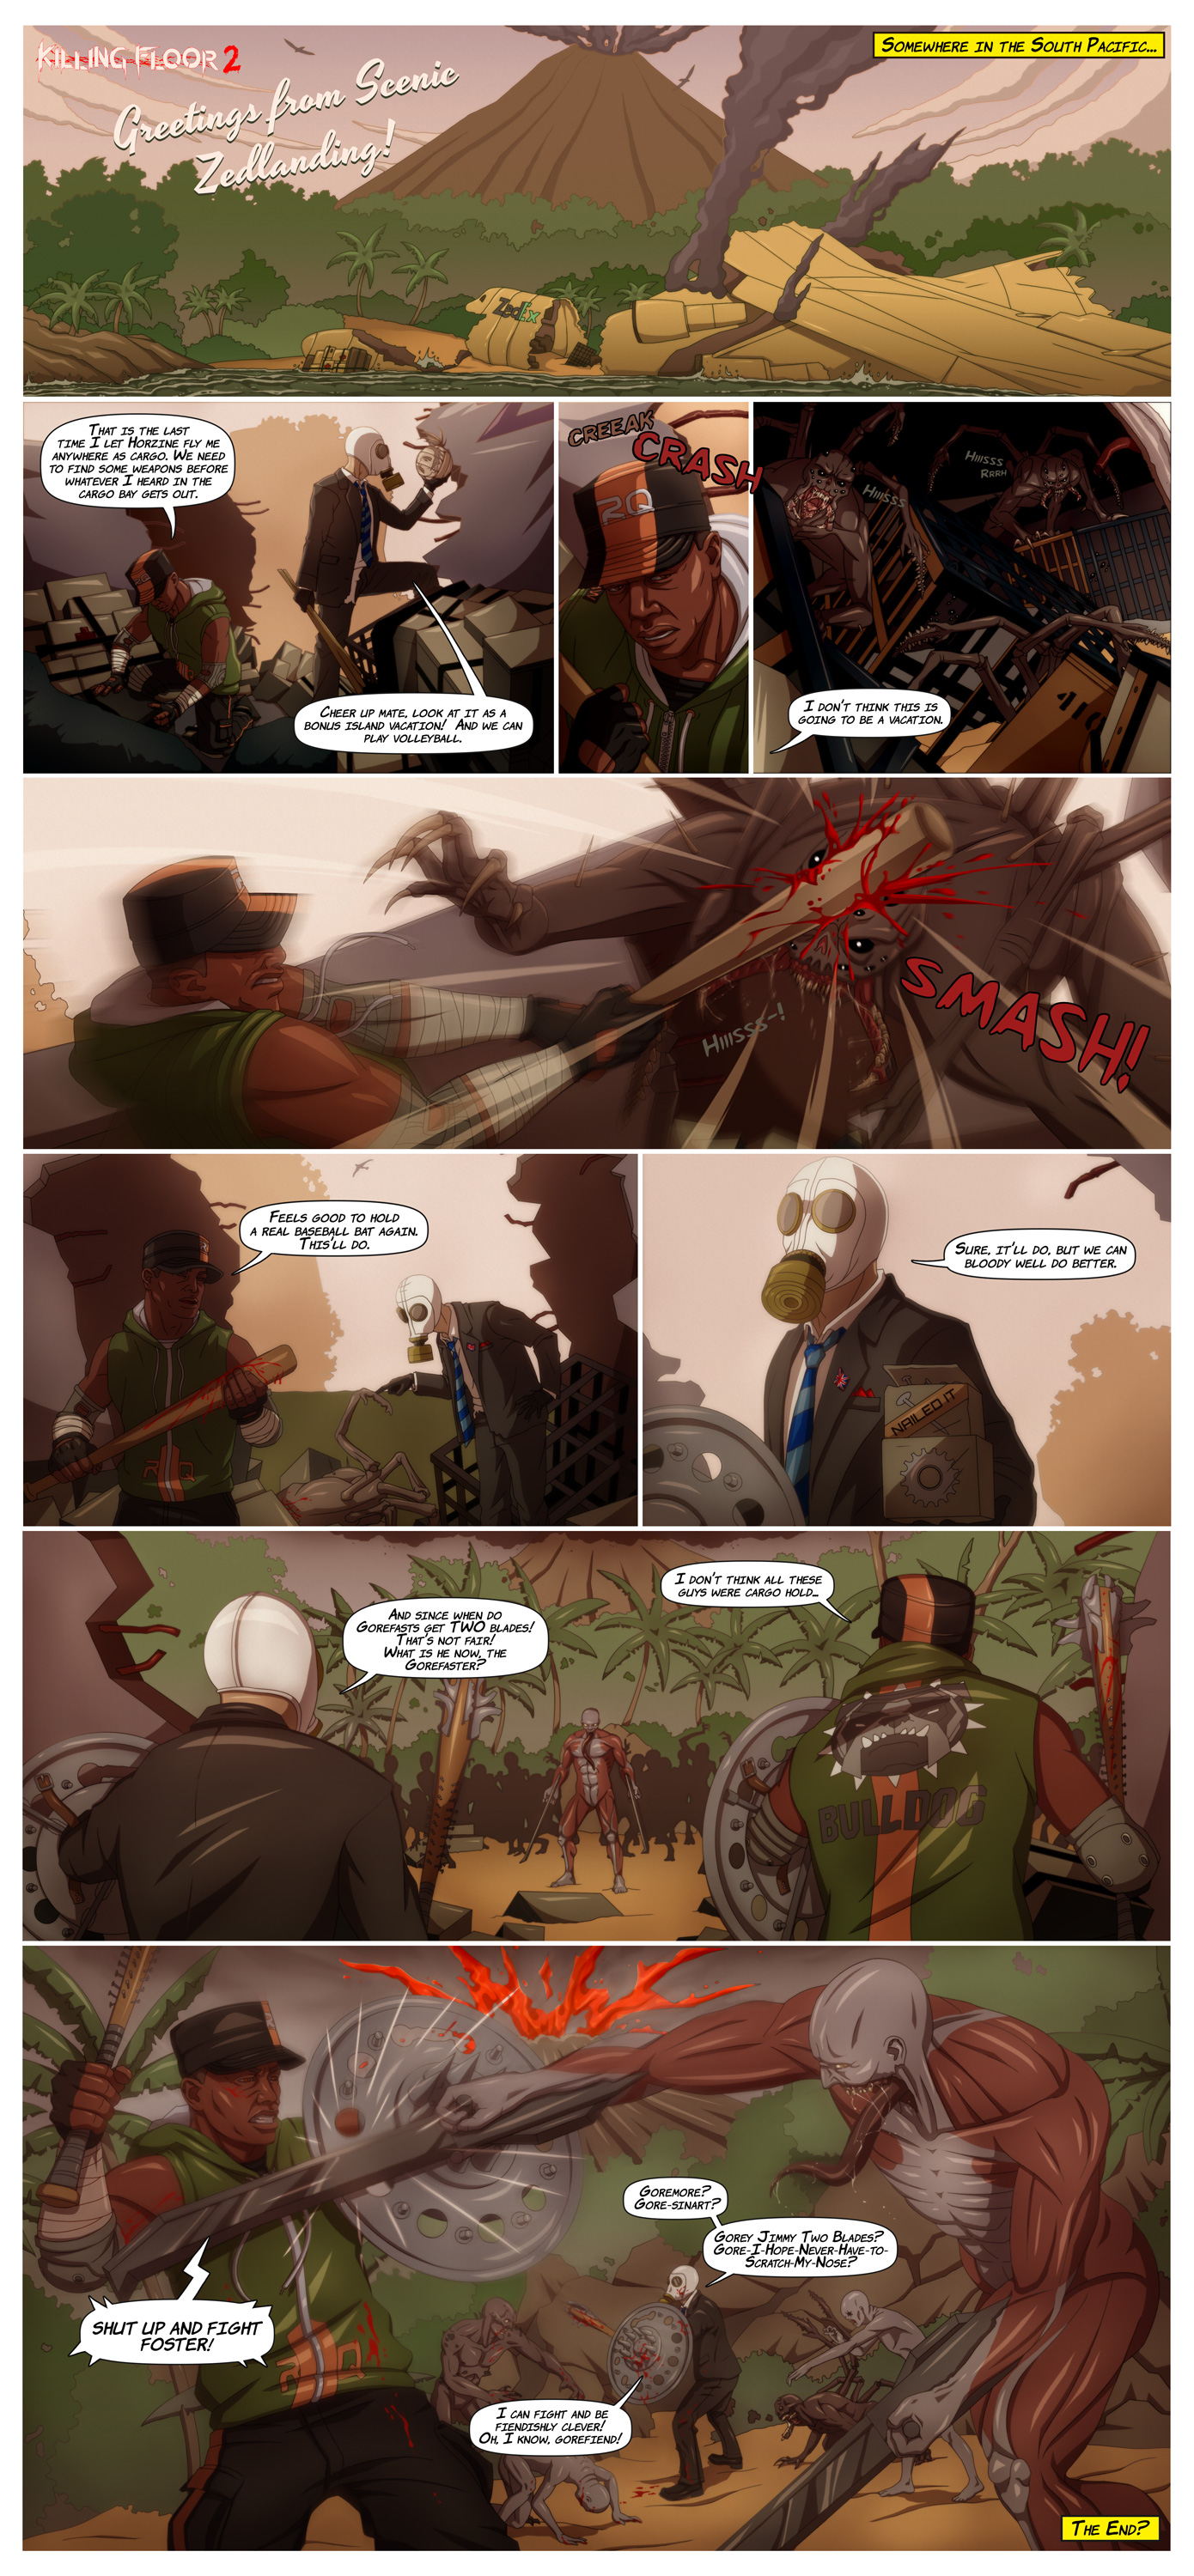 Zedlanding_Comic_Full.jpg